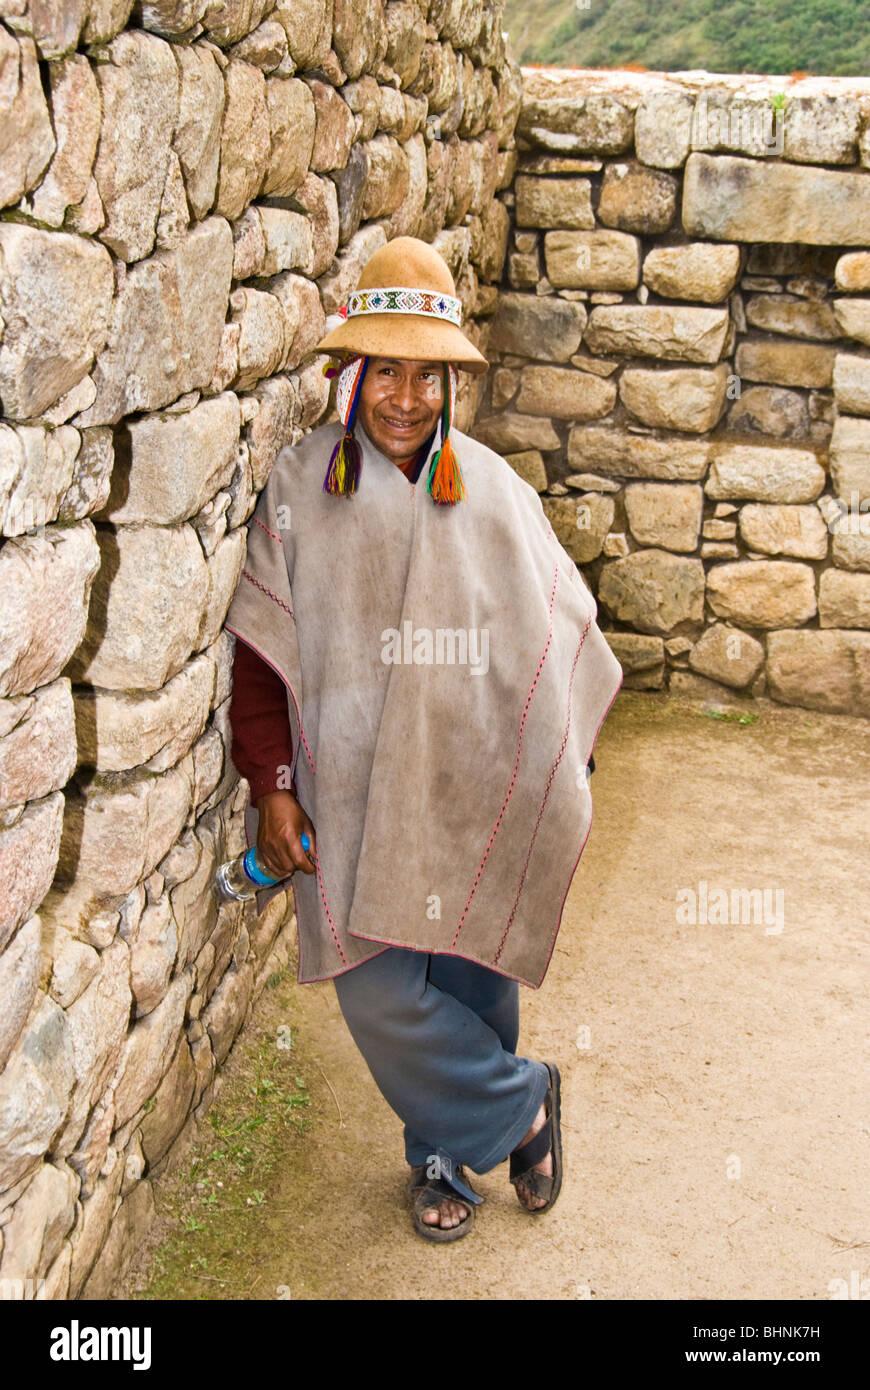 Machu Picchu, Perú, hombre indígena en las ruinas arqueológicas, la civilización Inca, América del Sur, la cultura Foto de stock